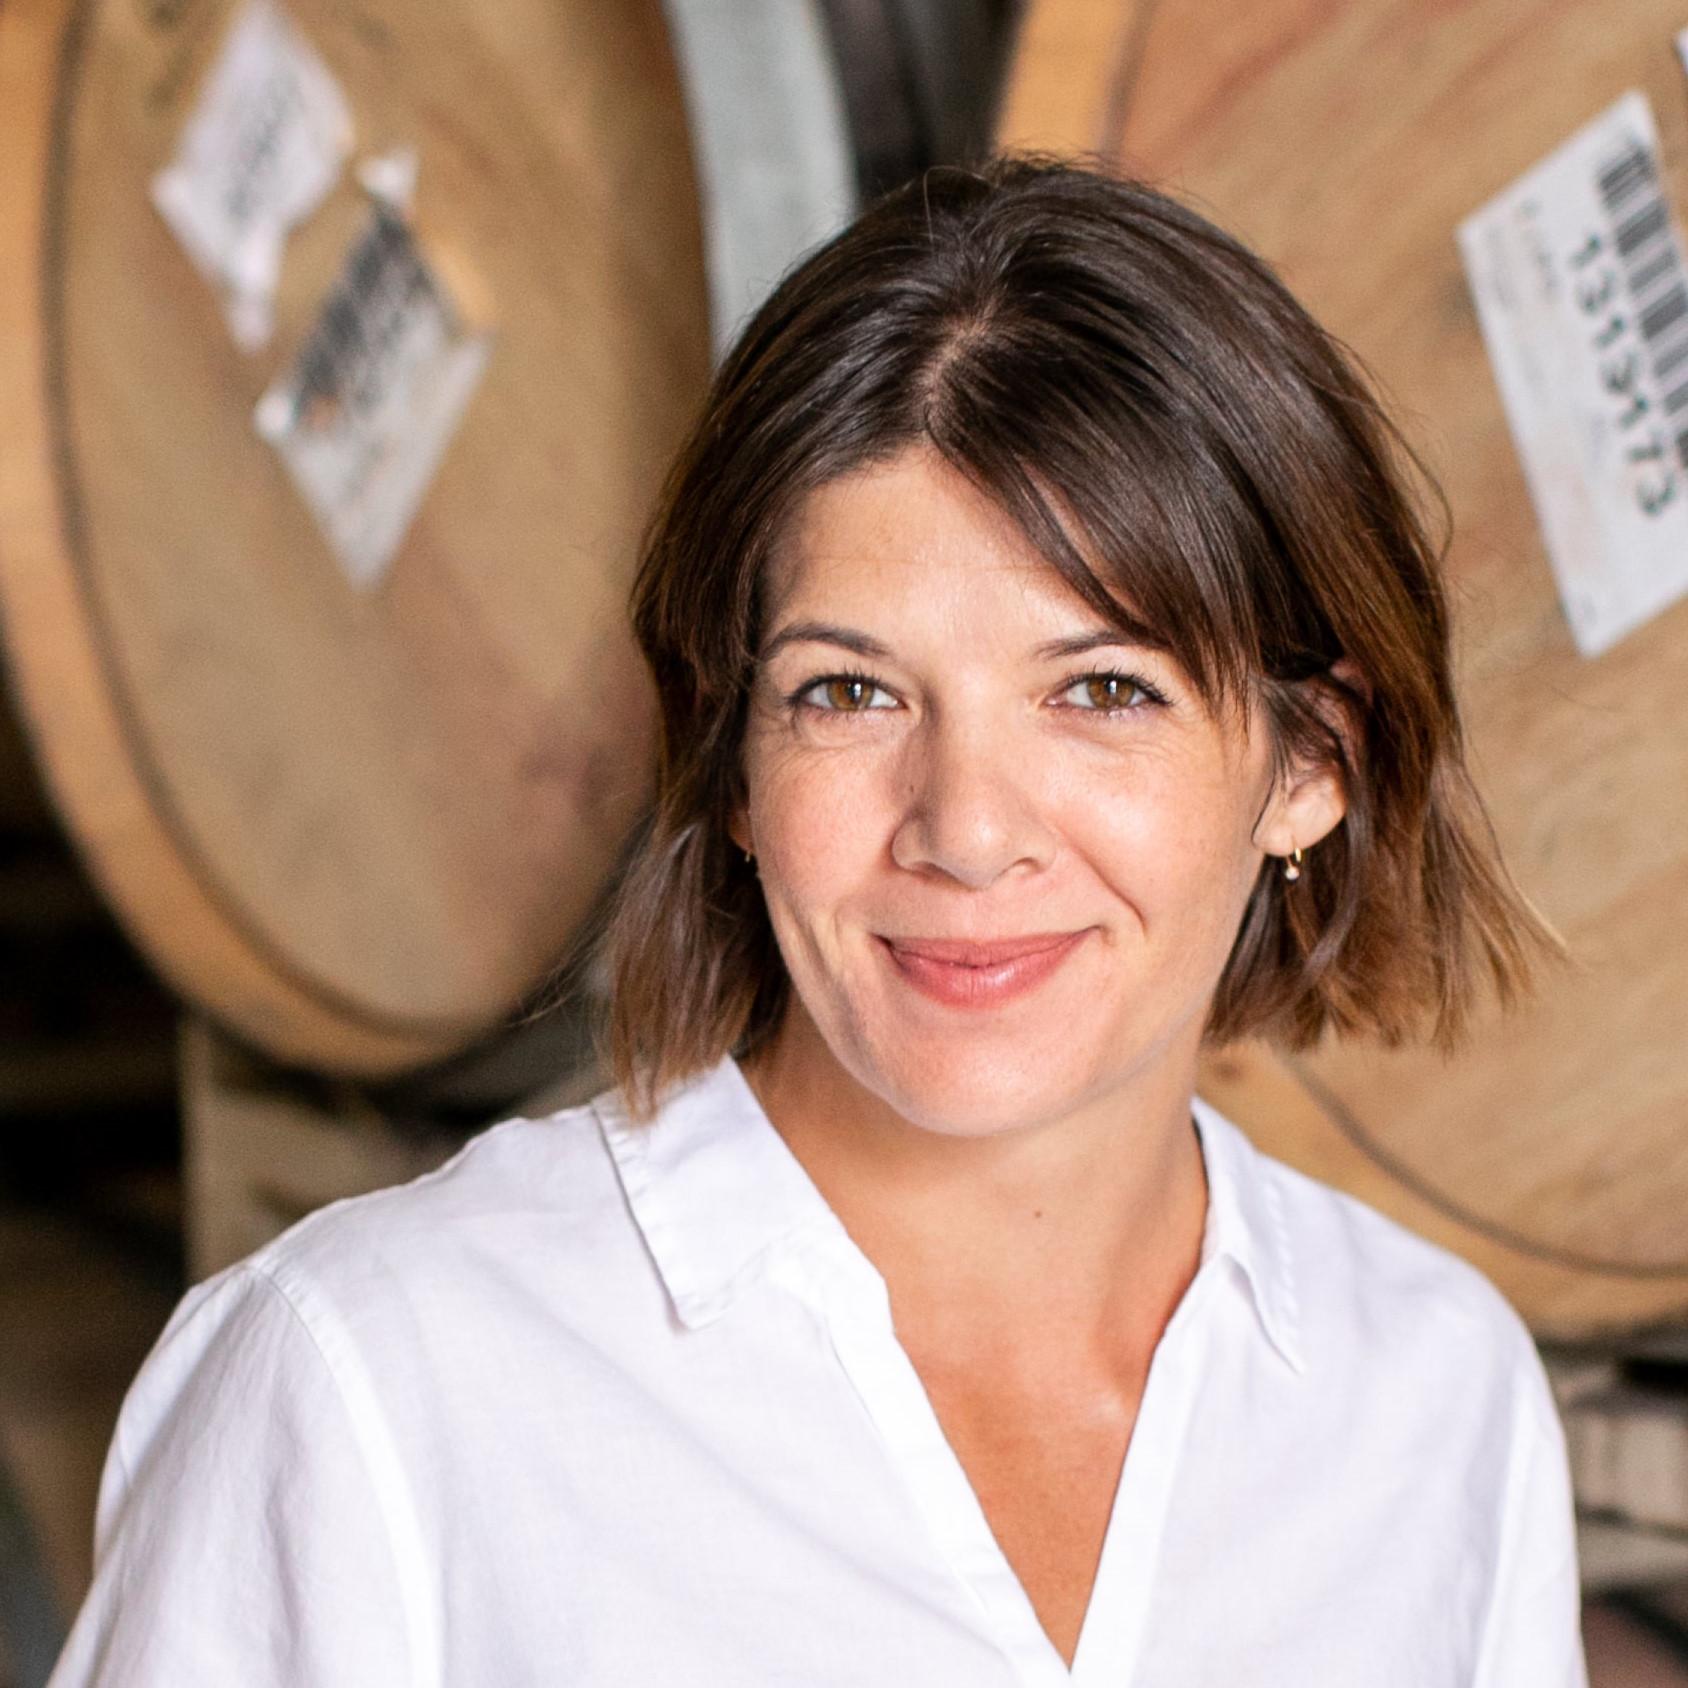 Elizabeth Van Emst - General Manager - World Cooperage